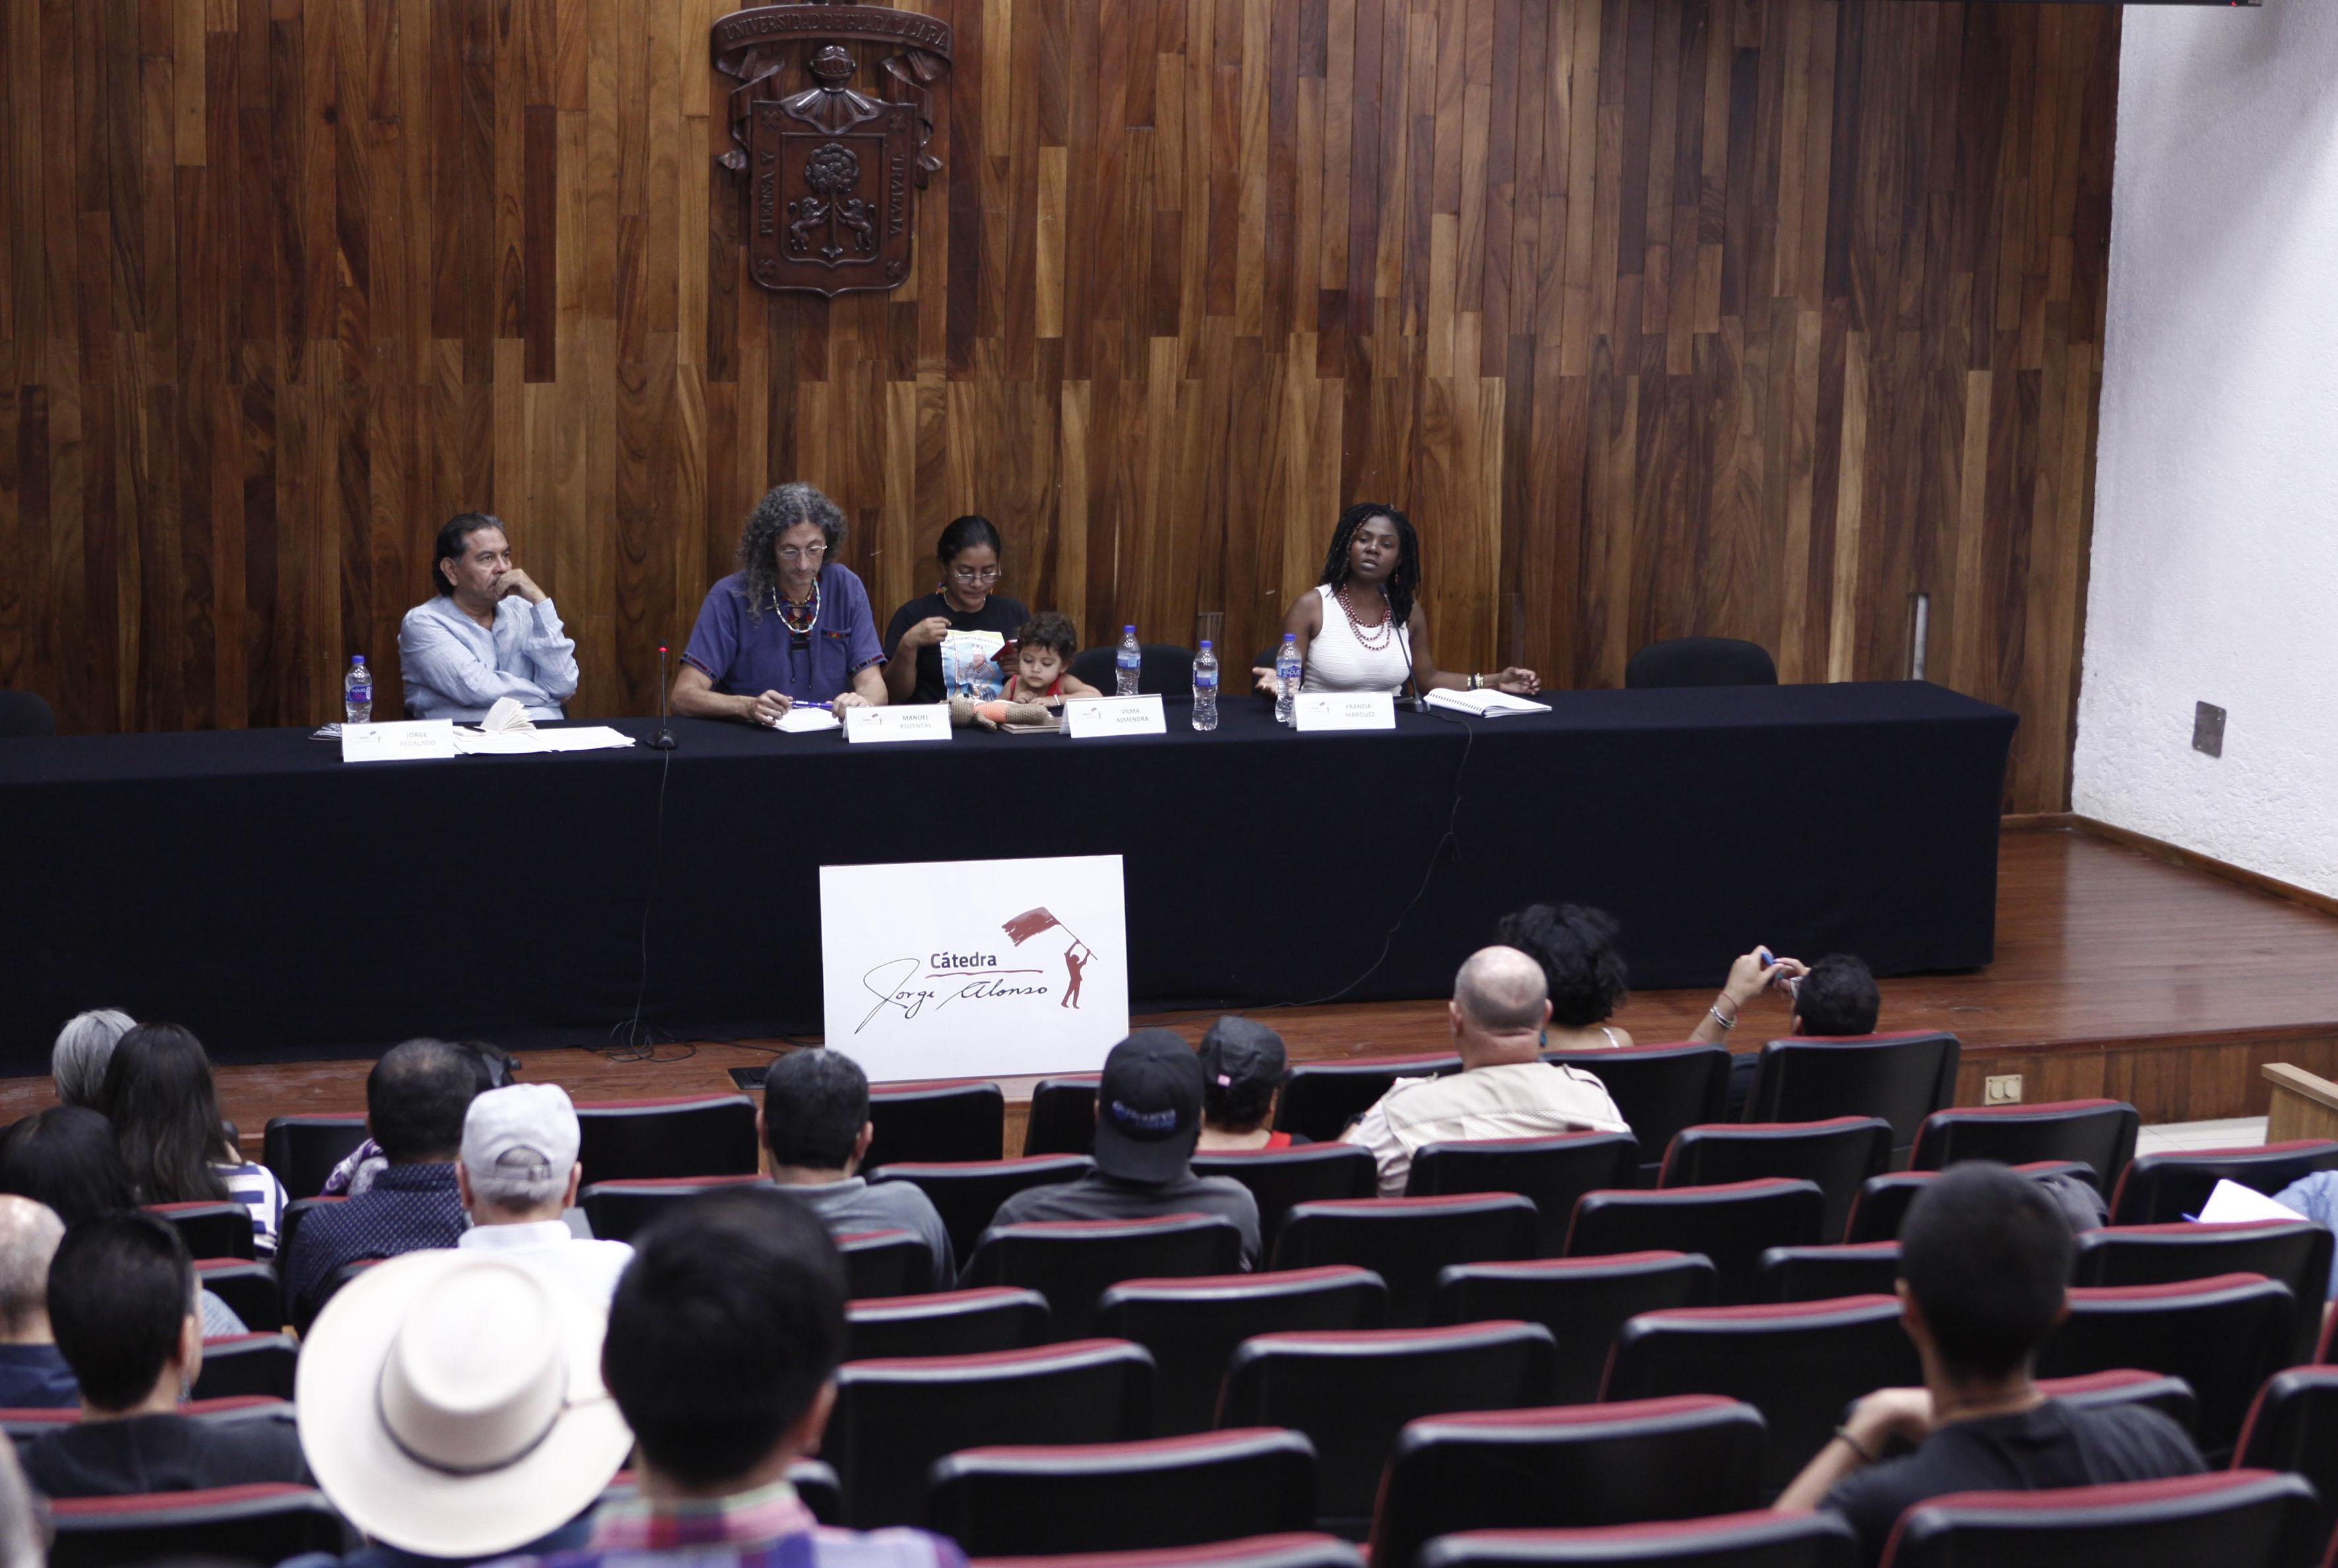 """Miembros panelistas participantes en el Seminario """"La paz en tiempos de la guerra global"""", realizado durante el marco de la Cátedra """"Jorge Alonso"""", auspiciado por el Centro Universitario de Ciencias Sociales y Humanidades."""